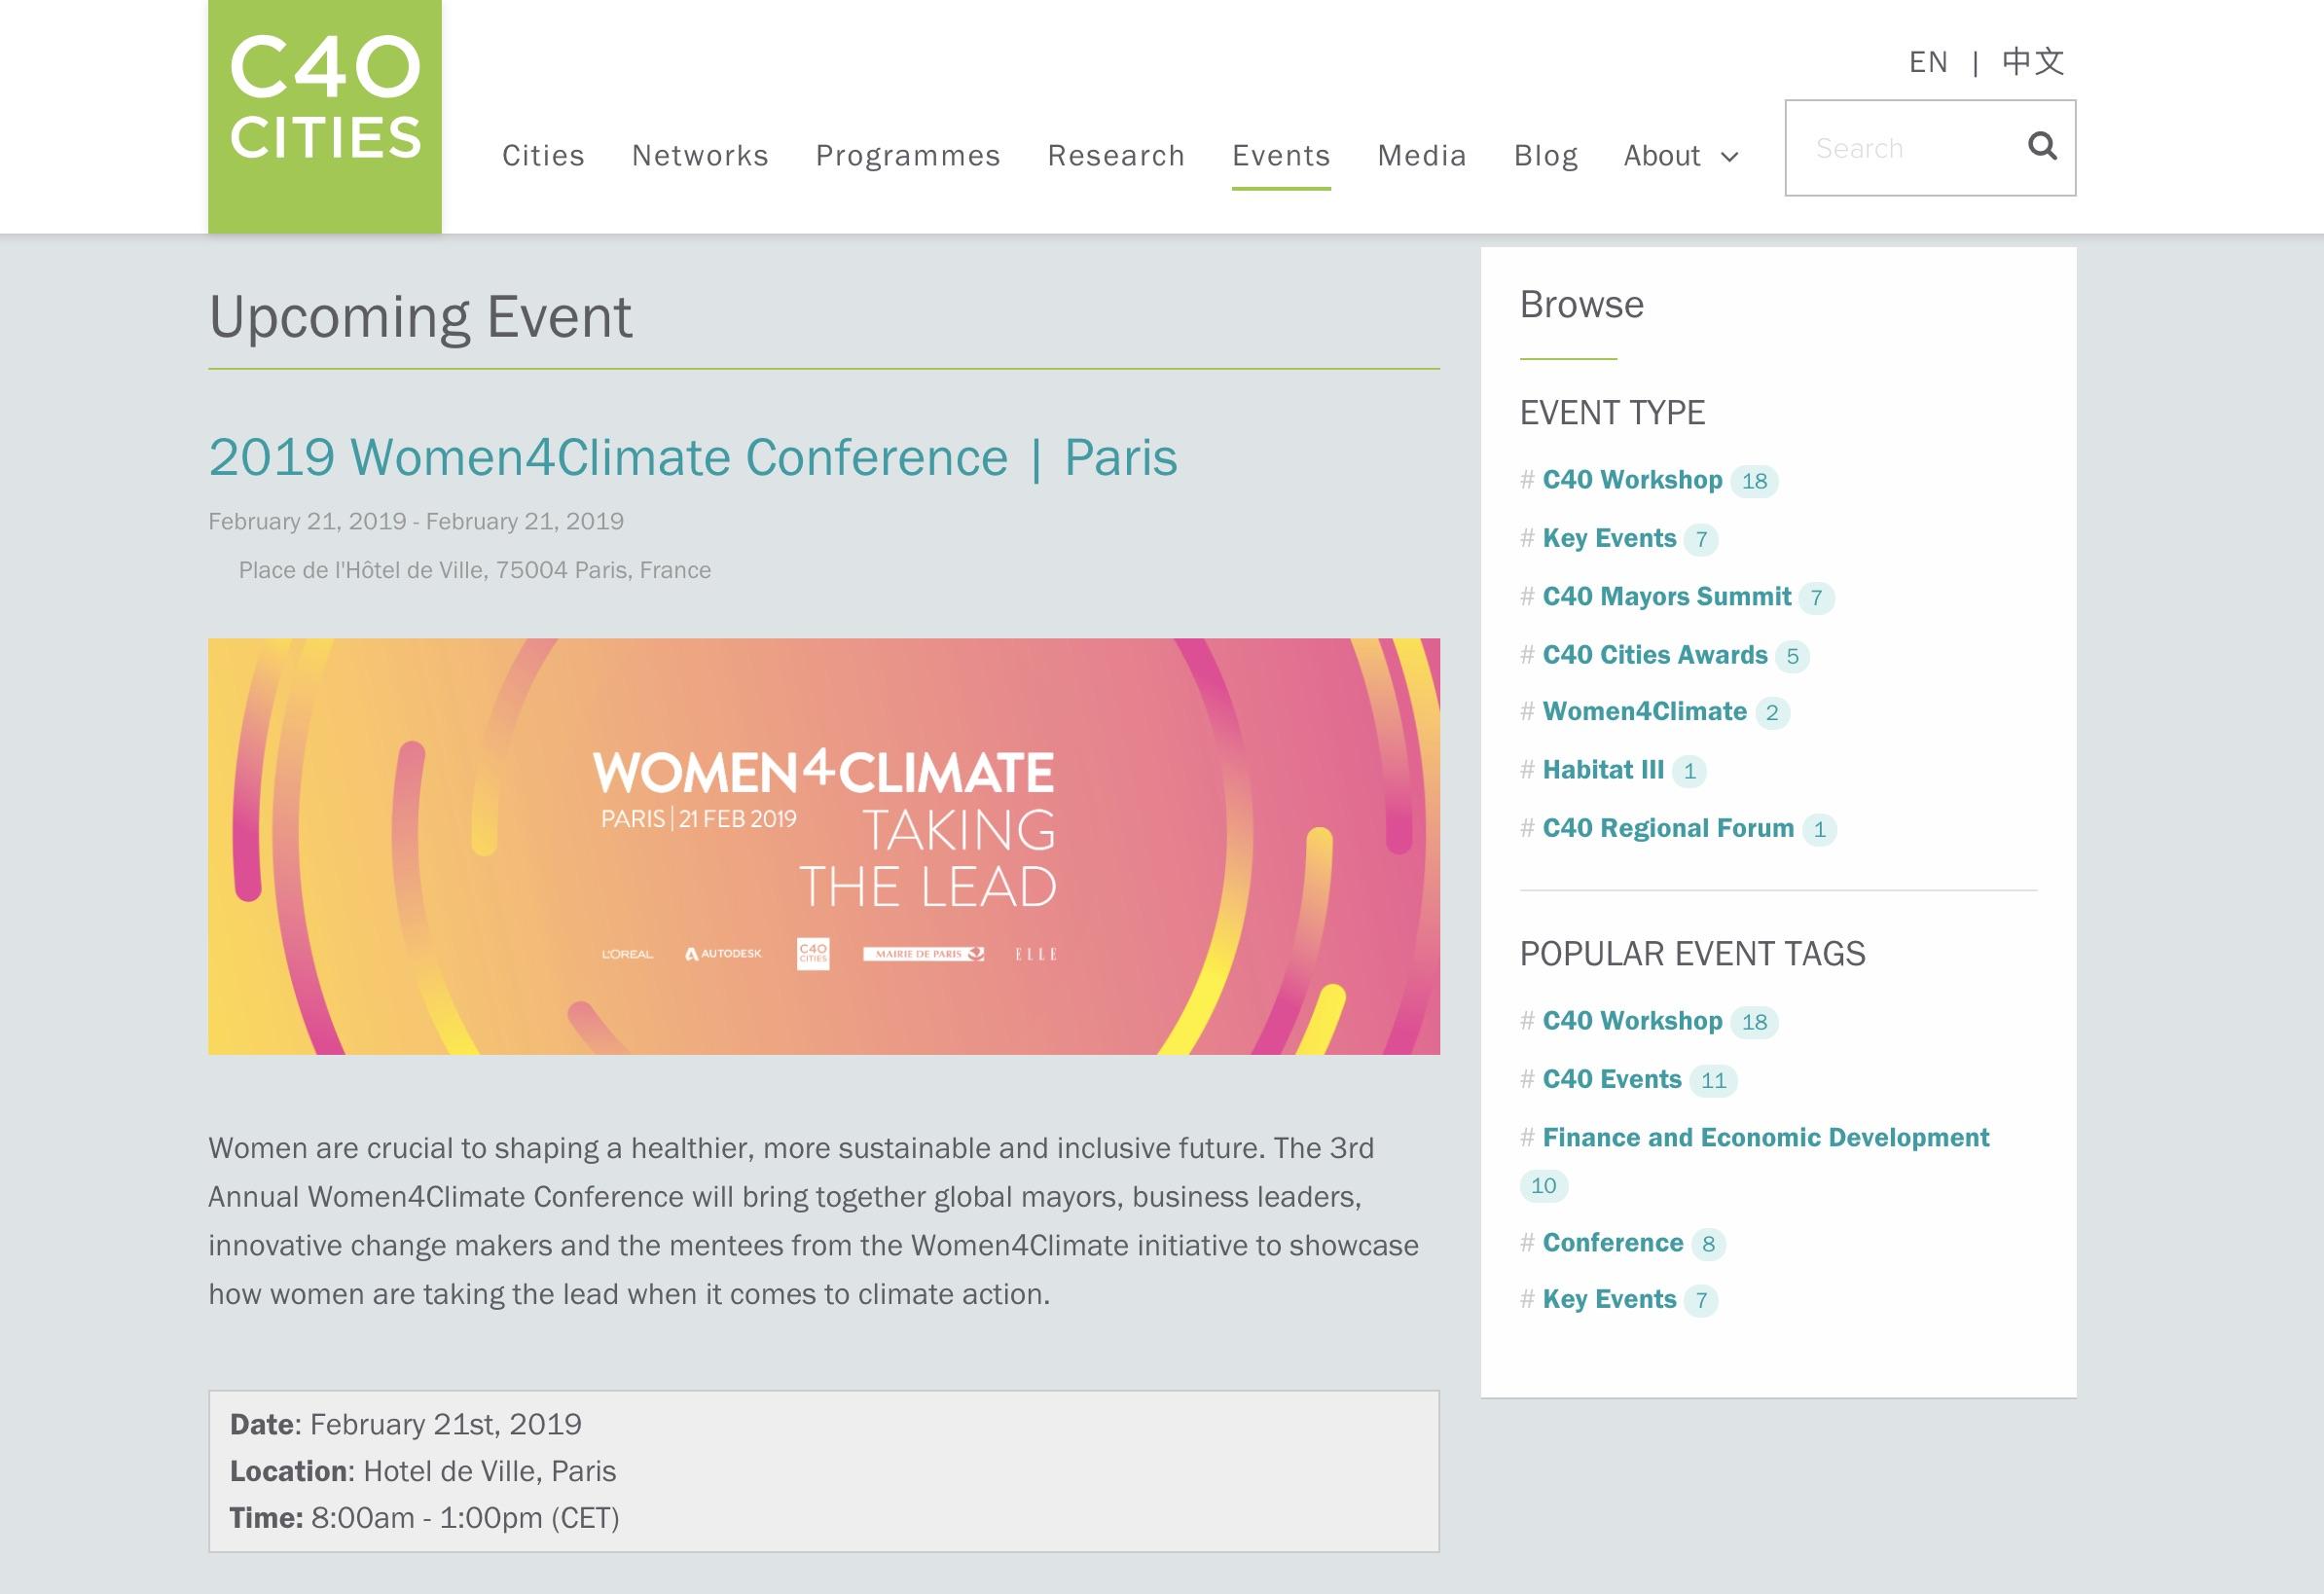 C40 website